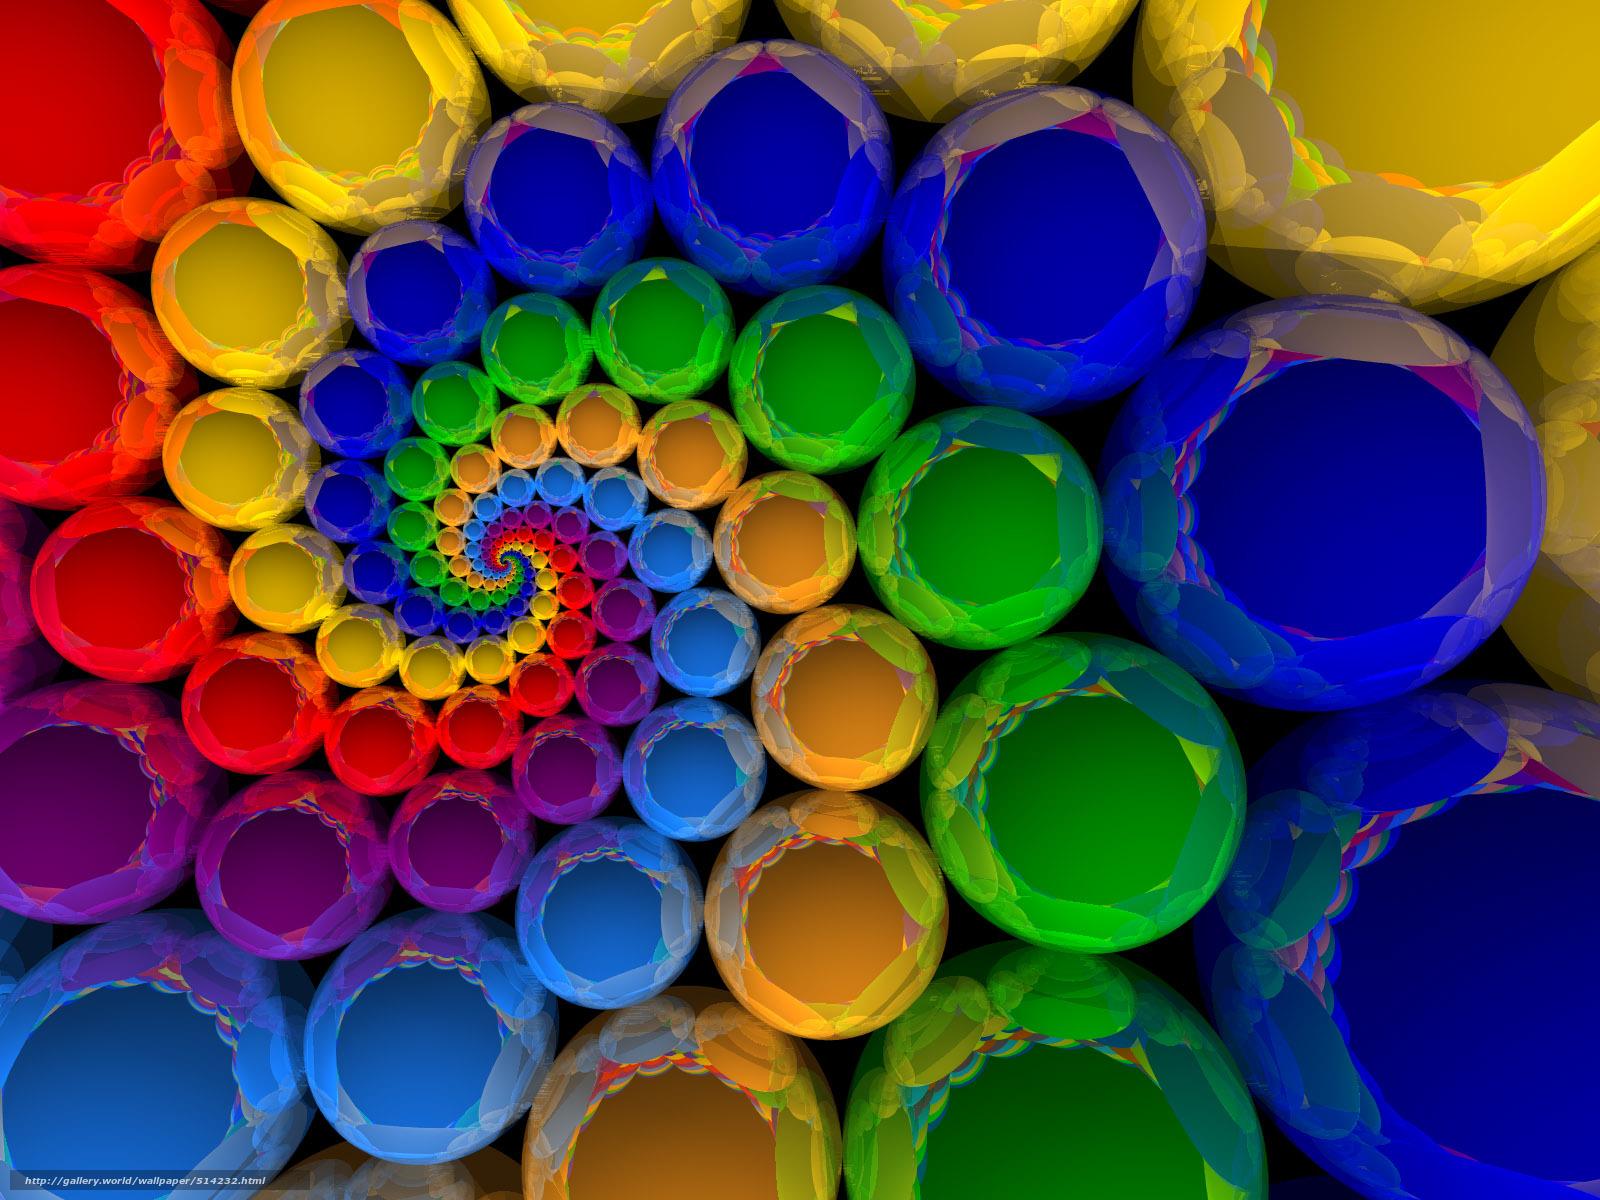 Scaricare gli sfondi frattali prime 3d arte sfondi for Sfondi per desktop 3d